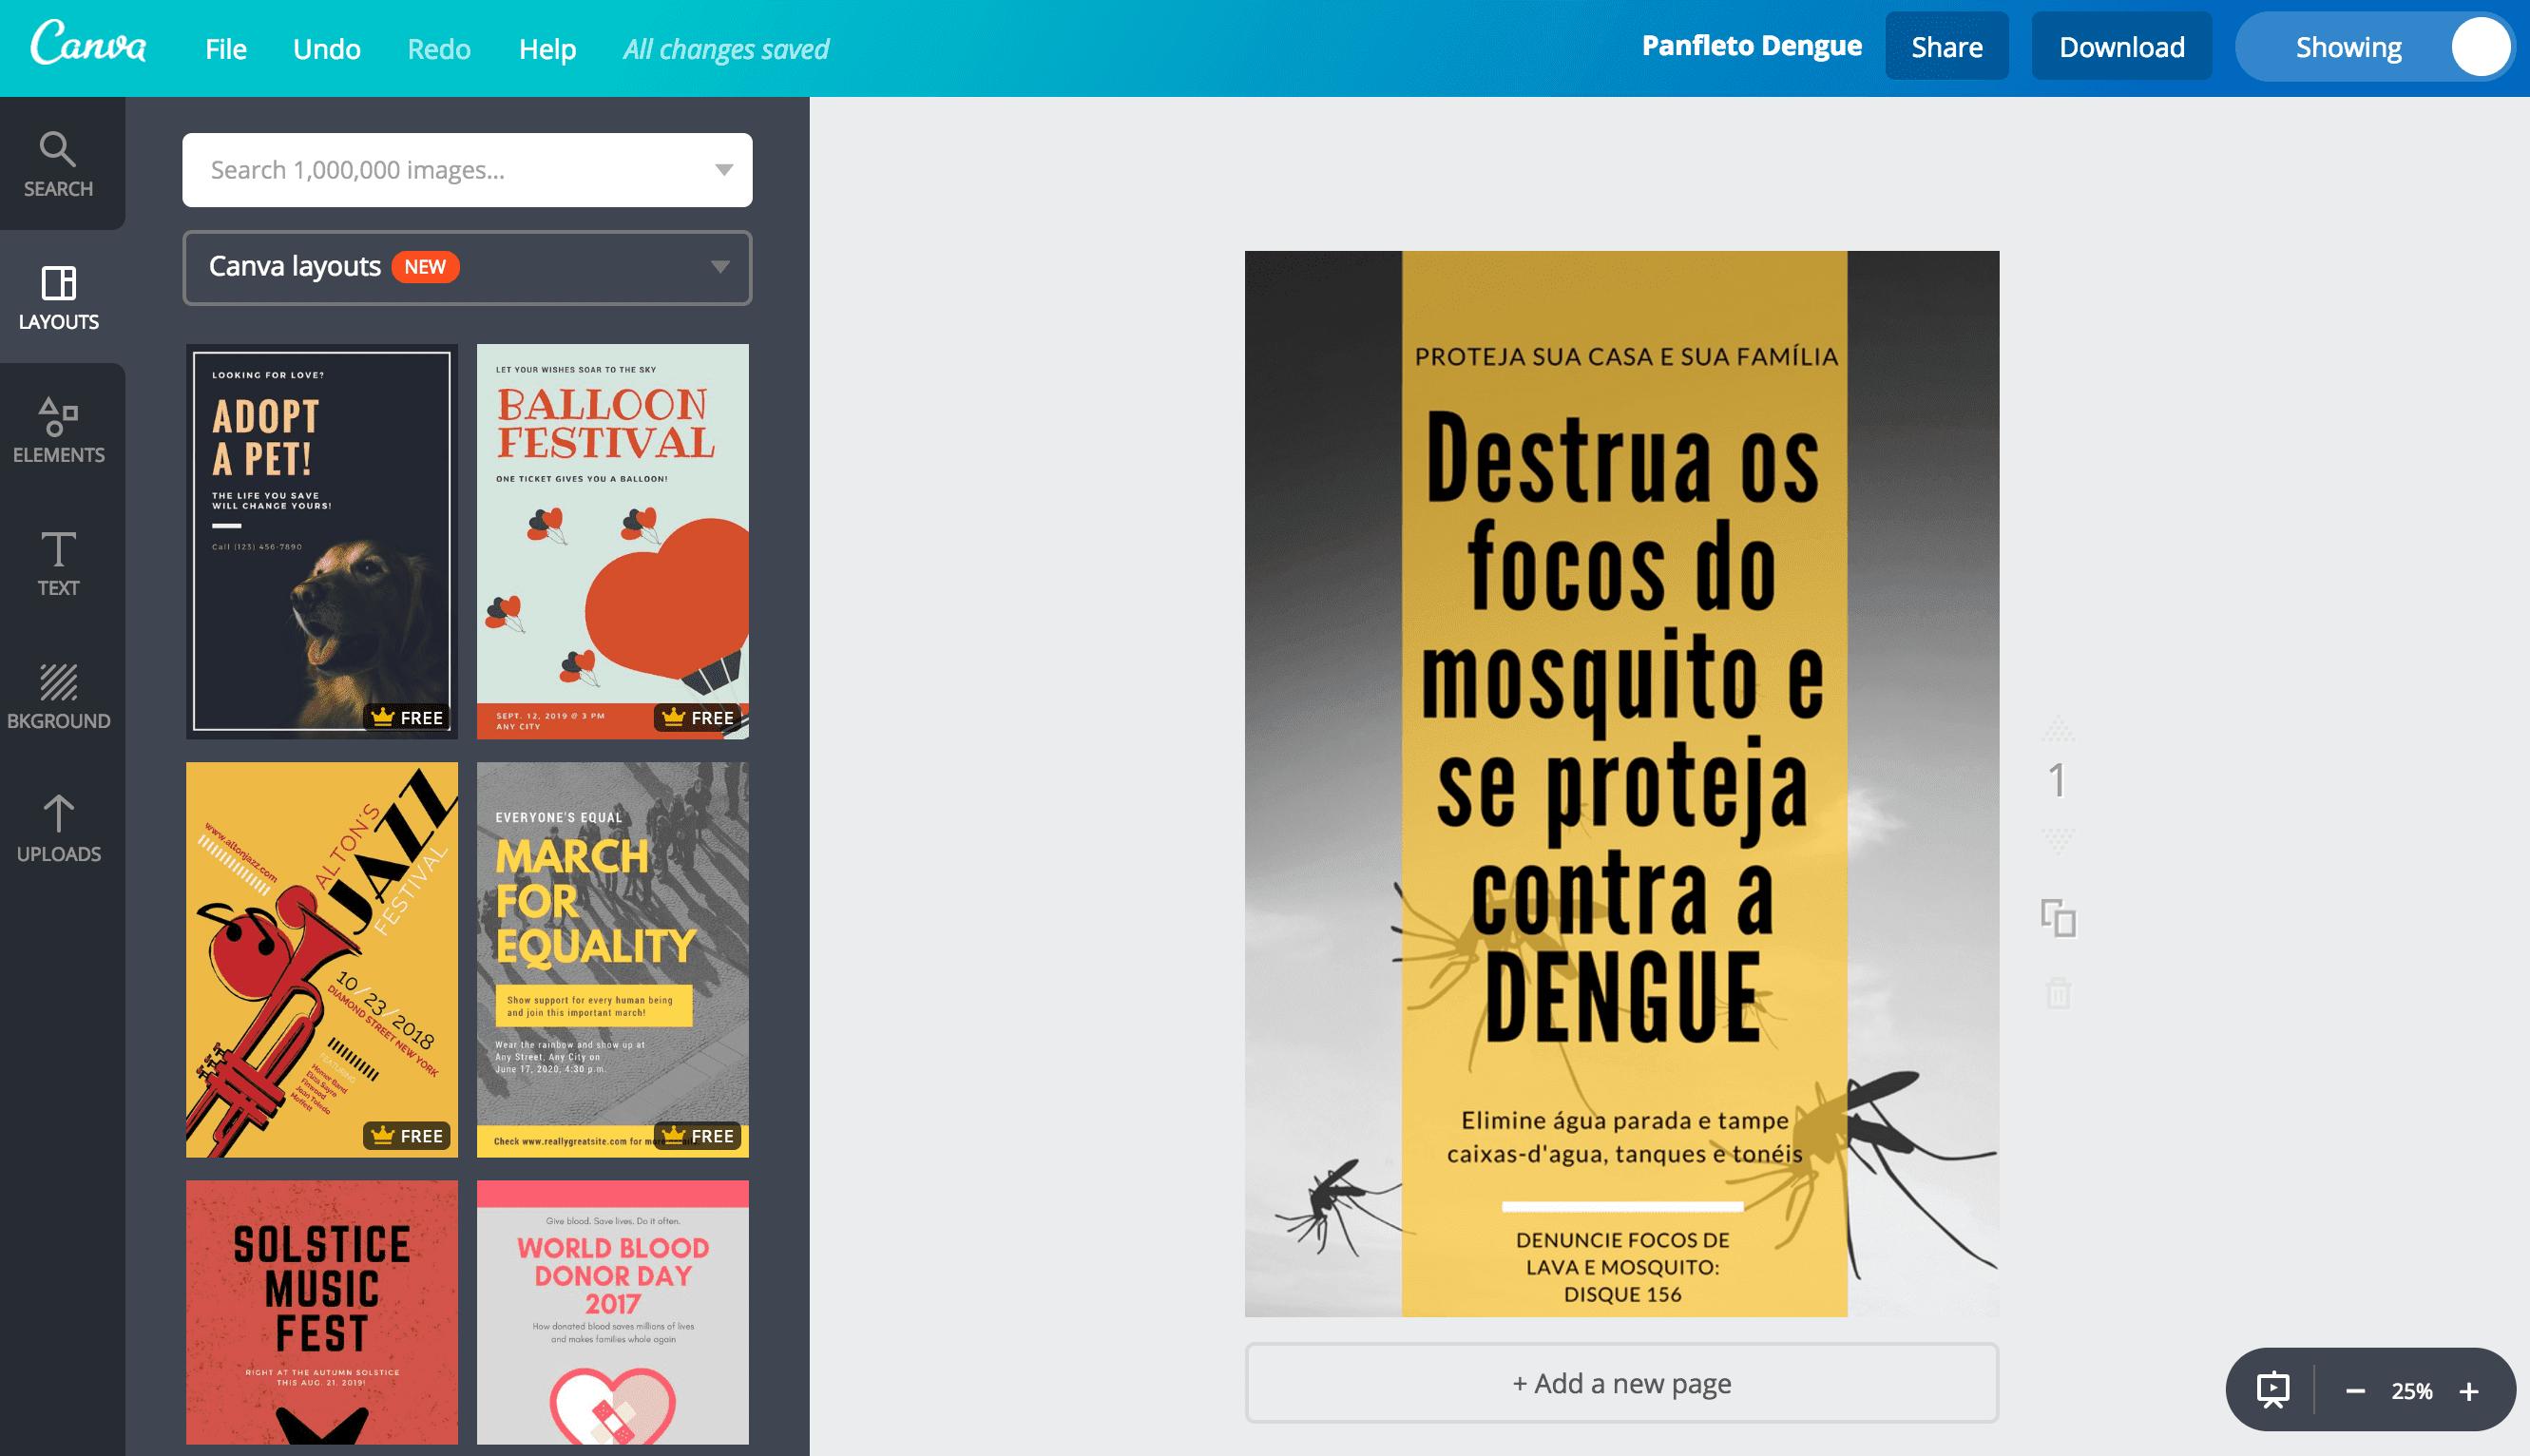 Panfletos sobre a dengue